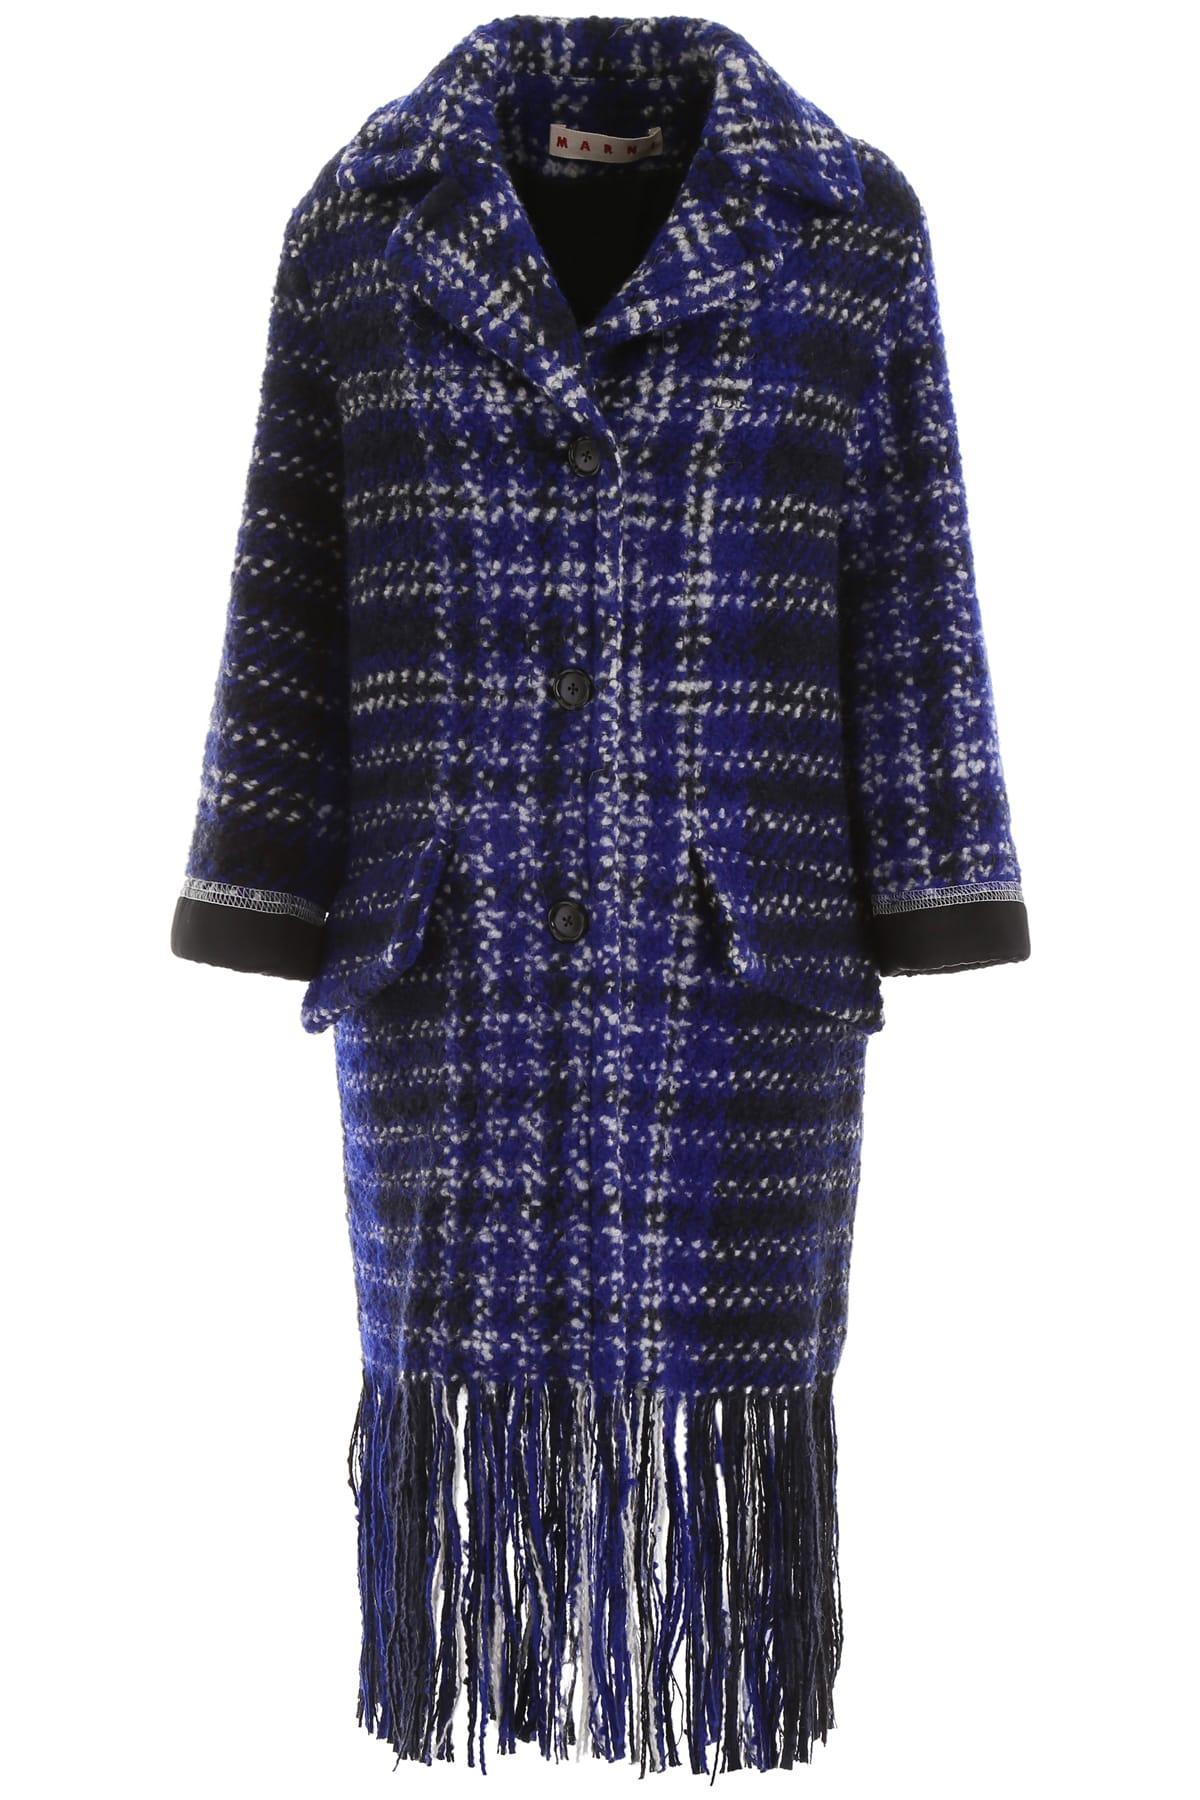 Marni Fringed Coat